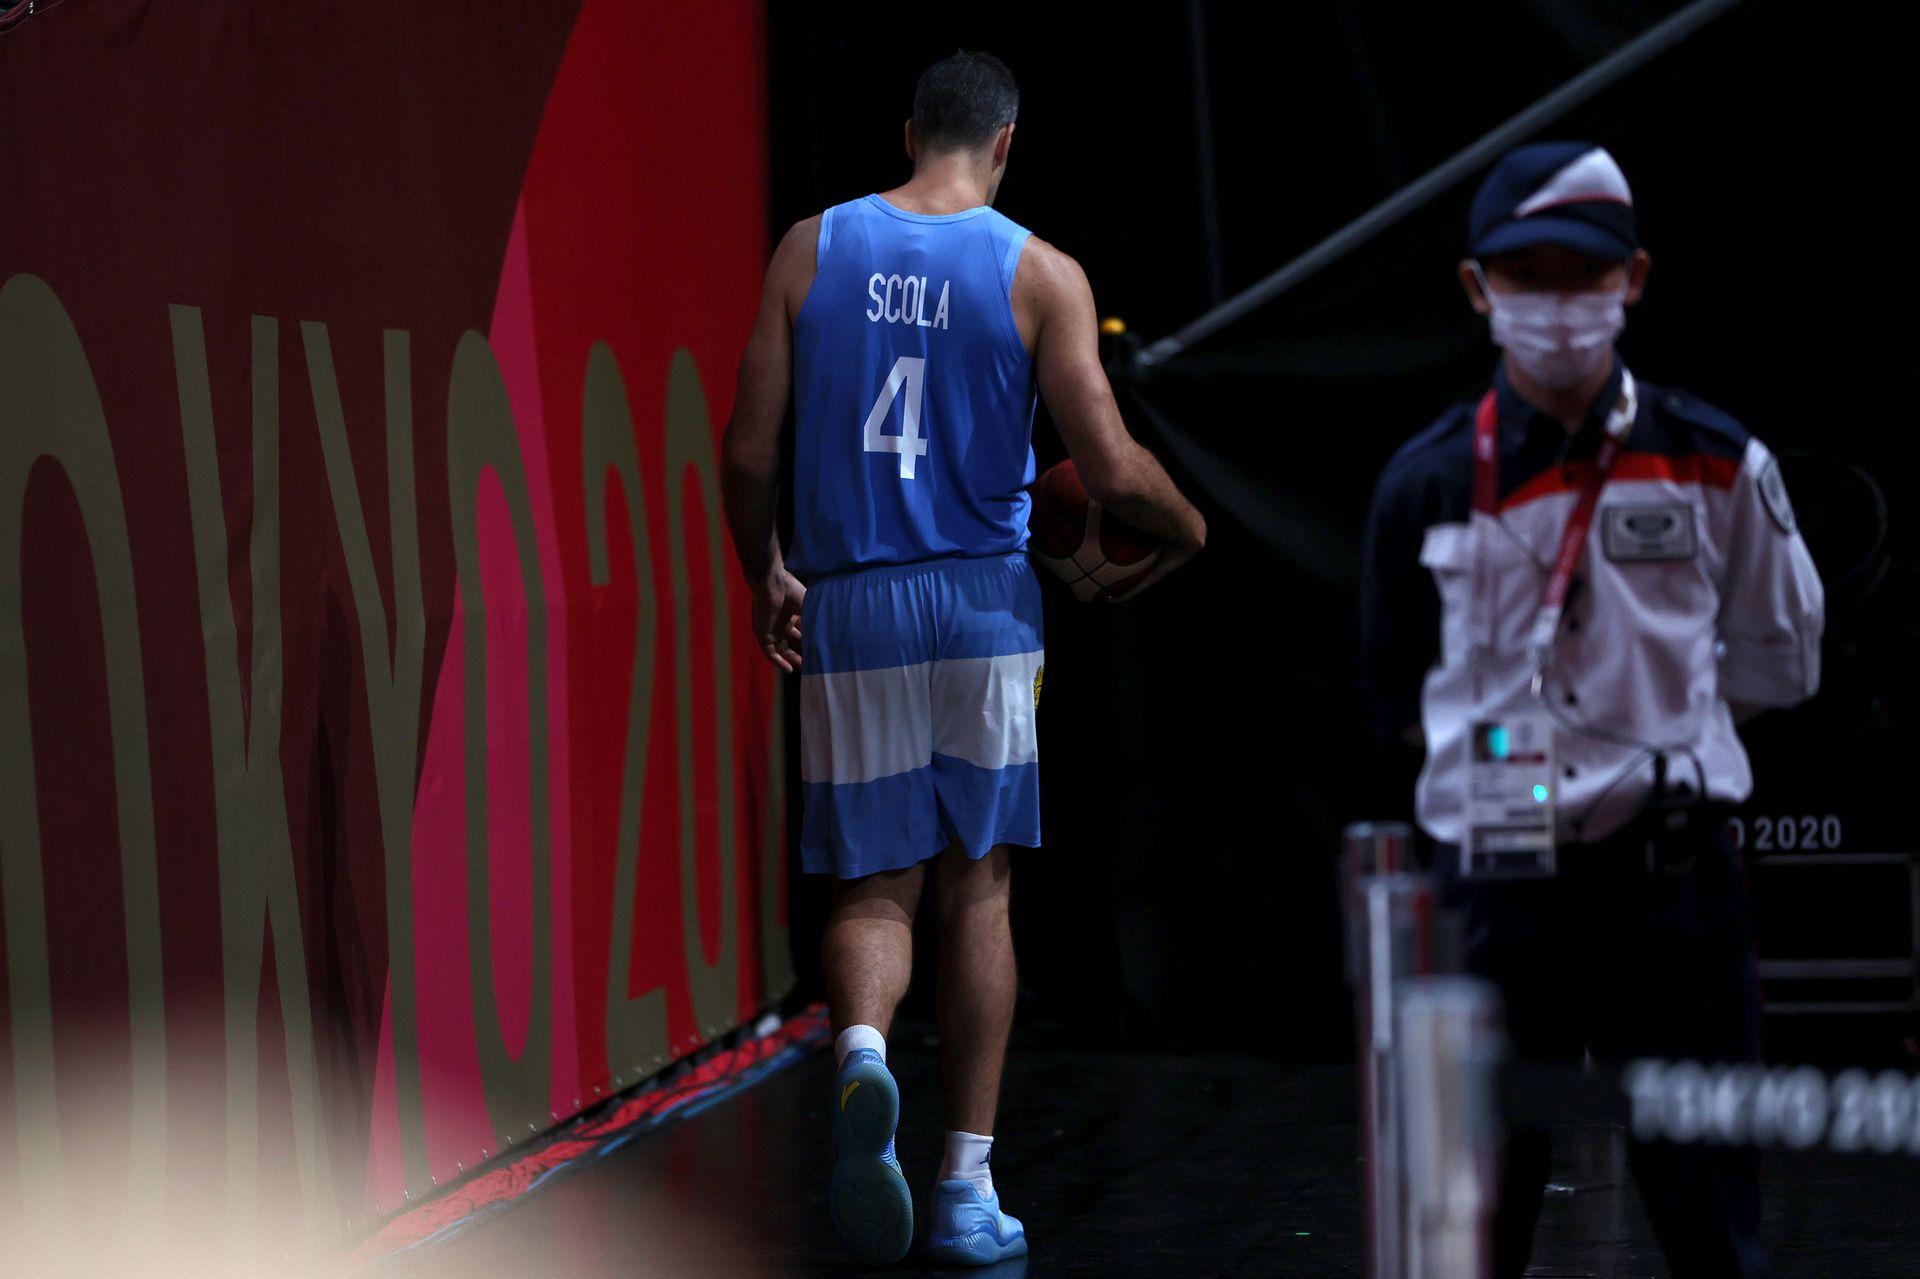 Luis Scola camina por el túnel luego de la derrota de Argentina en los Juegos Olímpicos de Tokio 2020 en Saitama Super Arena el 3 de agosto de 2021, Japón